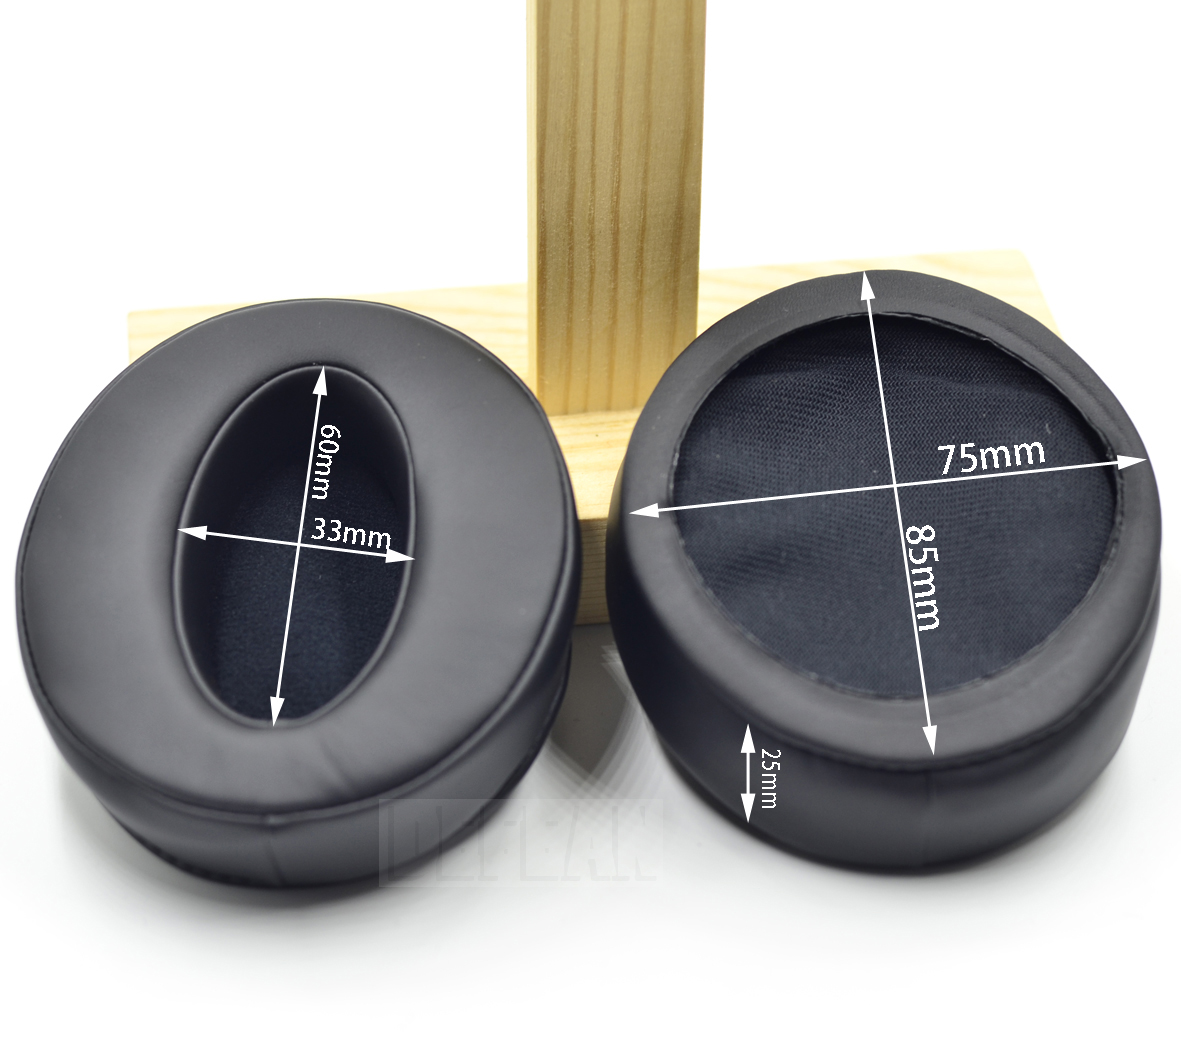 9a4b93b7e72 Details about Memory ear pads cushion for Sennheiser HD 4.50 HD4.50 BTNC  Bluetooth headphones